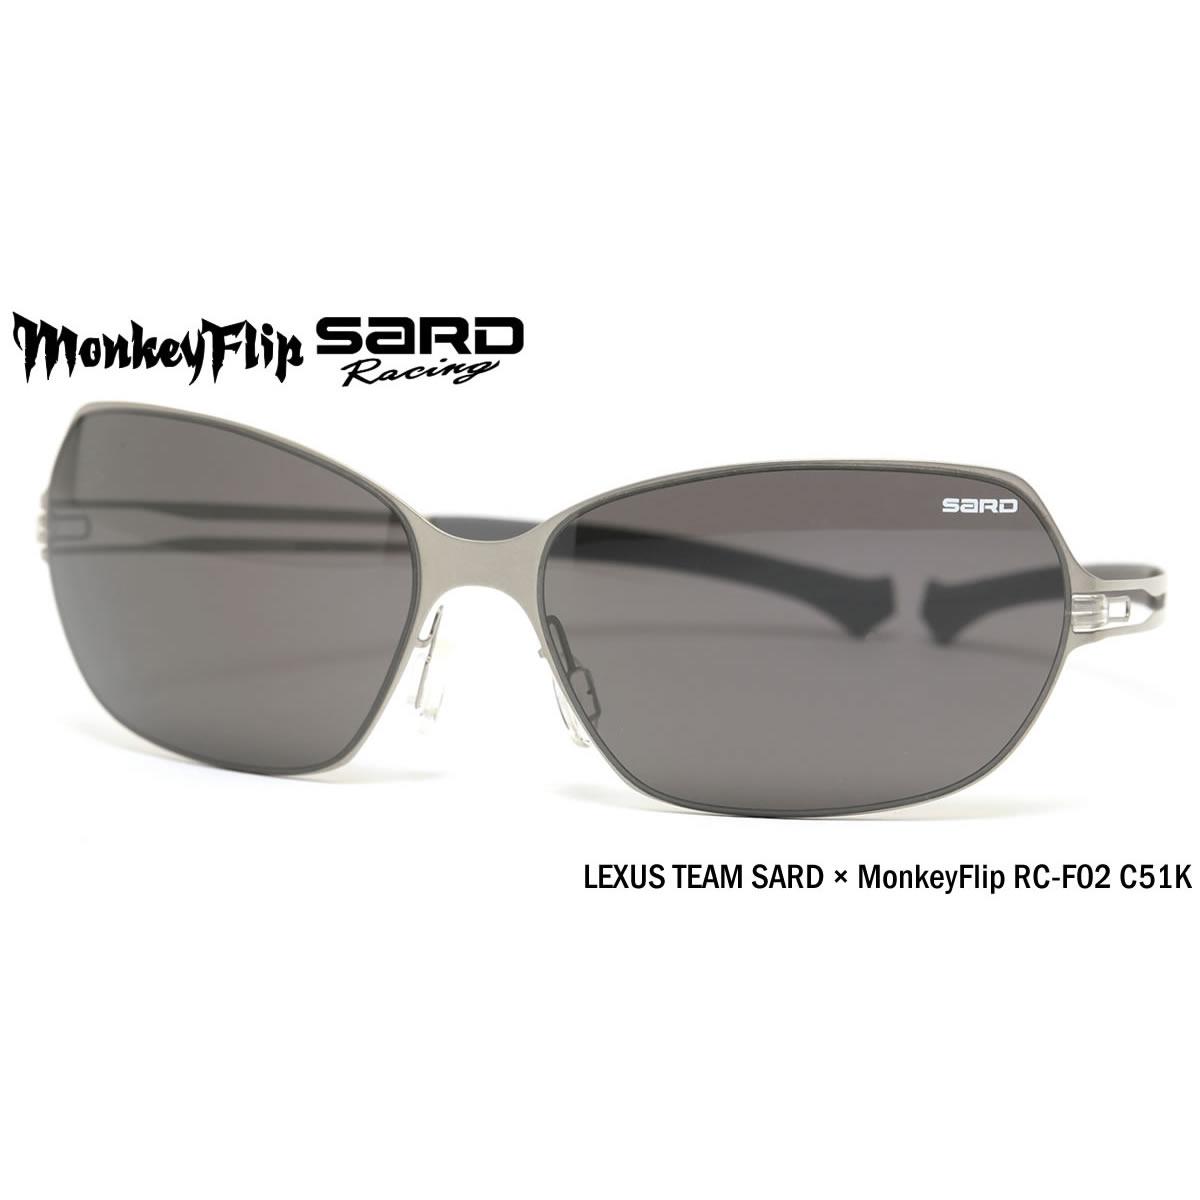 ポイント最大42倍!!お得なクーポンも !! 【モンキーフリップ インターネット独占販売】RC-F02 C51K 62 LEXUS TEAM SARD (レクサスチームサード) × Monkey Flip (モンキーフリップ) サングラス メンズ レディース